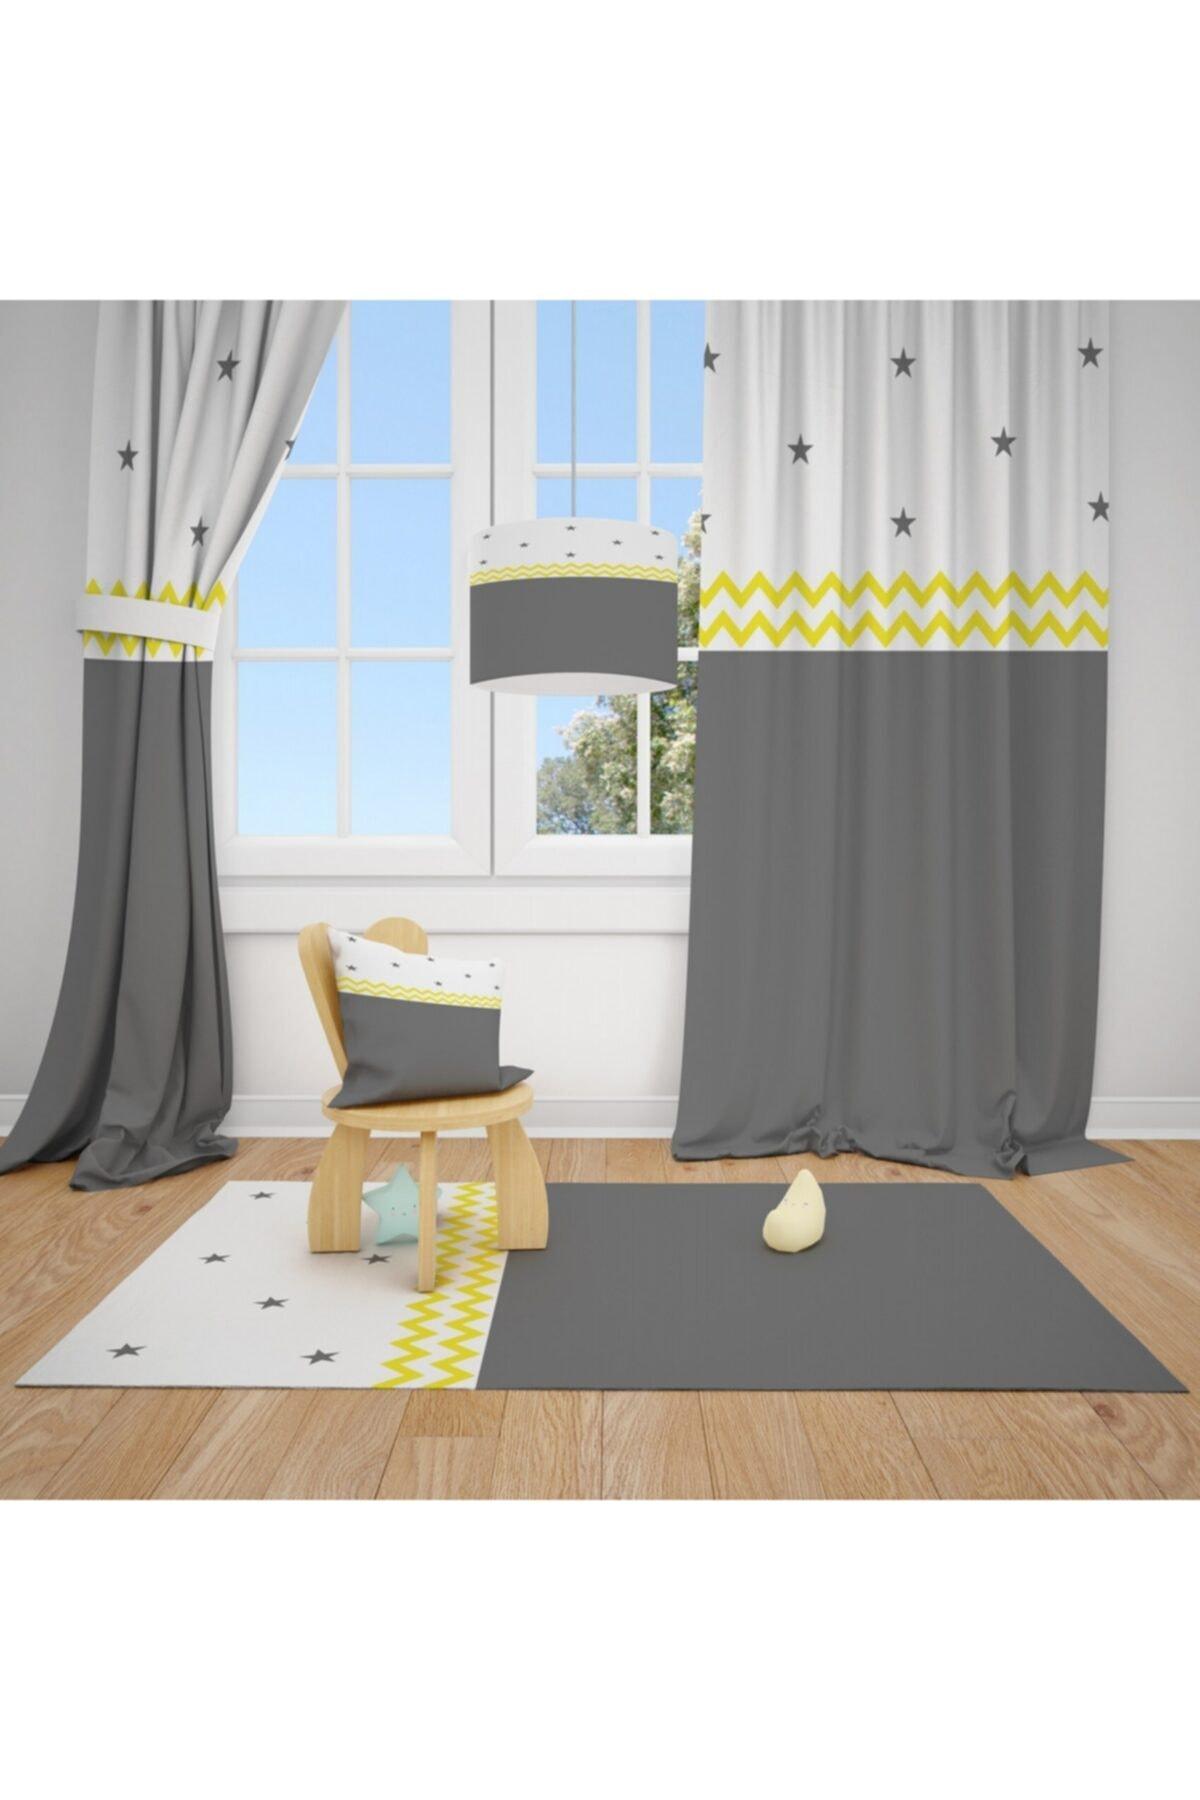 CİCİ TASARIM ÜRÜNLERİ Sarı Dalgalı Şerit Gri Beyaz Desen Çocuk  Odası Halısı 1